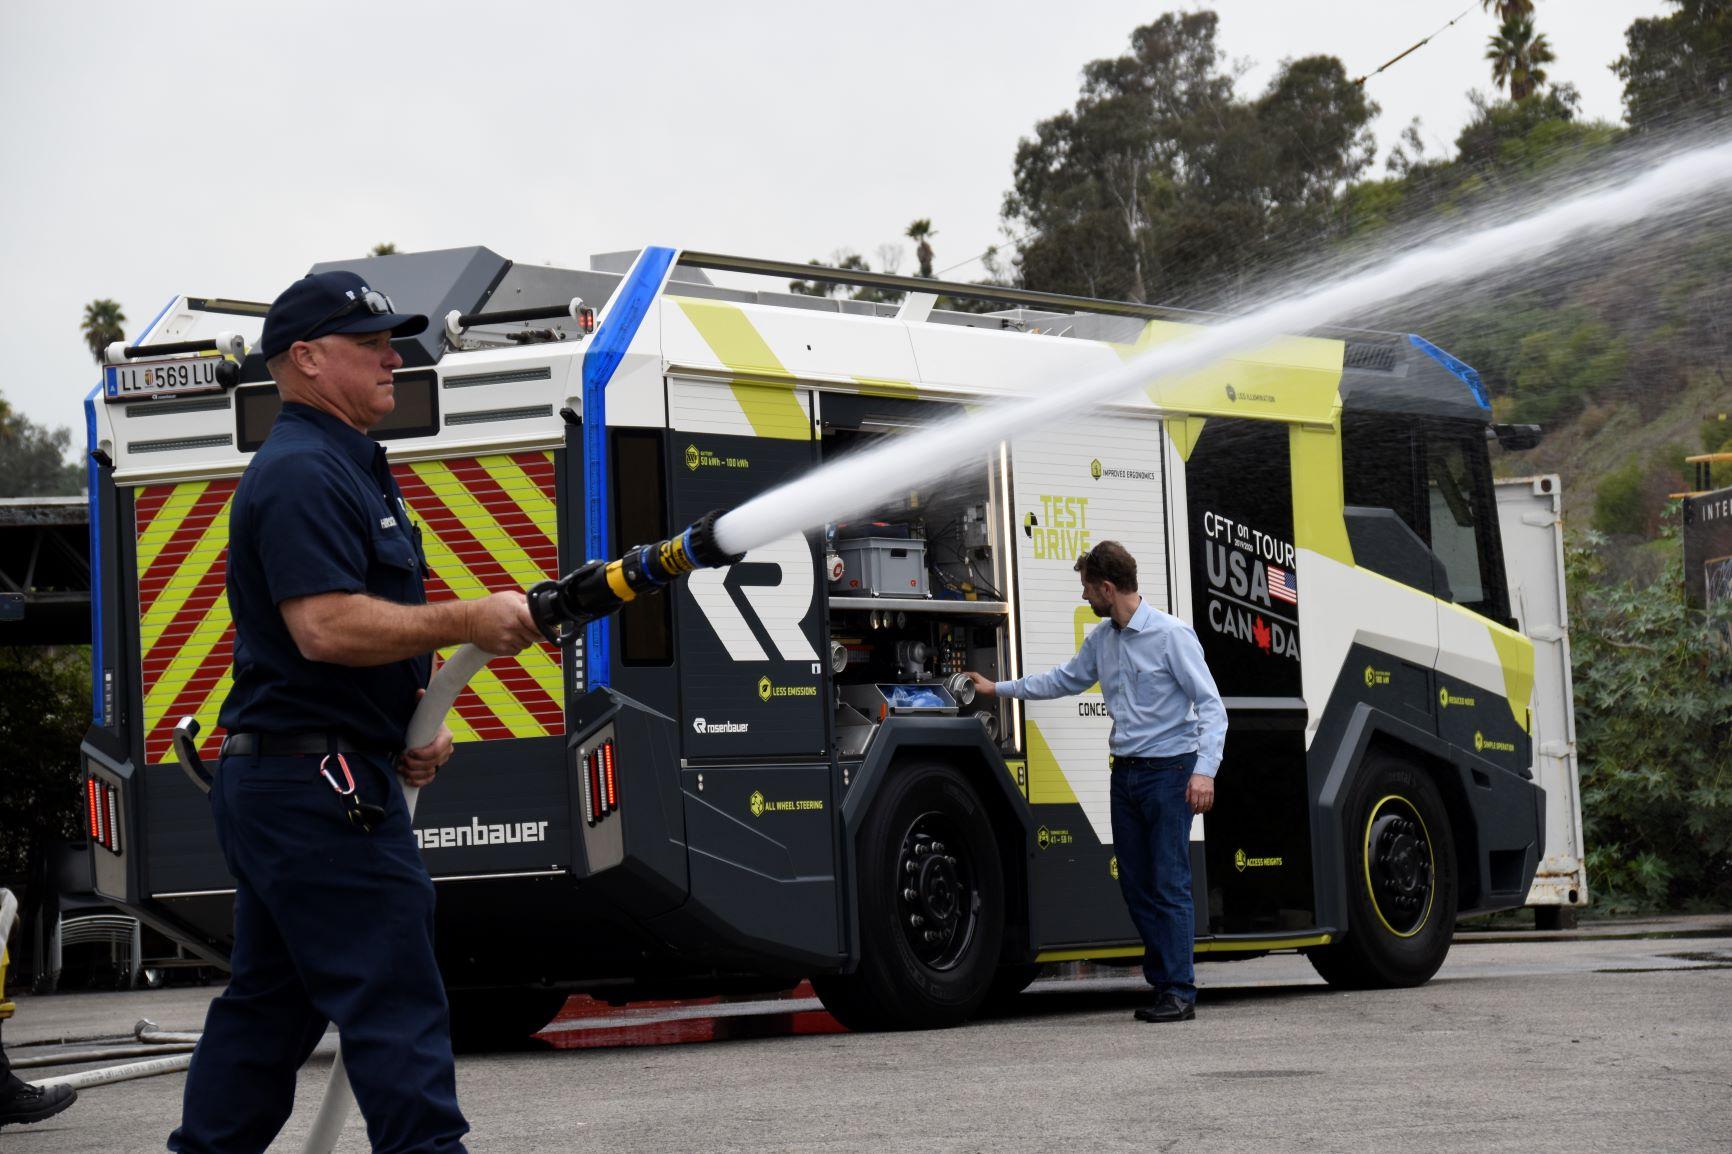 Elektryczny może być nawet wóz strażacki. I nie, to nie jest zabawka dla dzieci